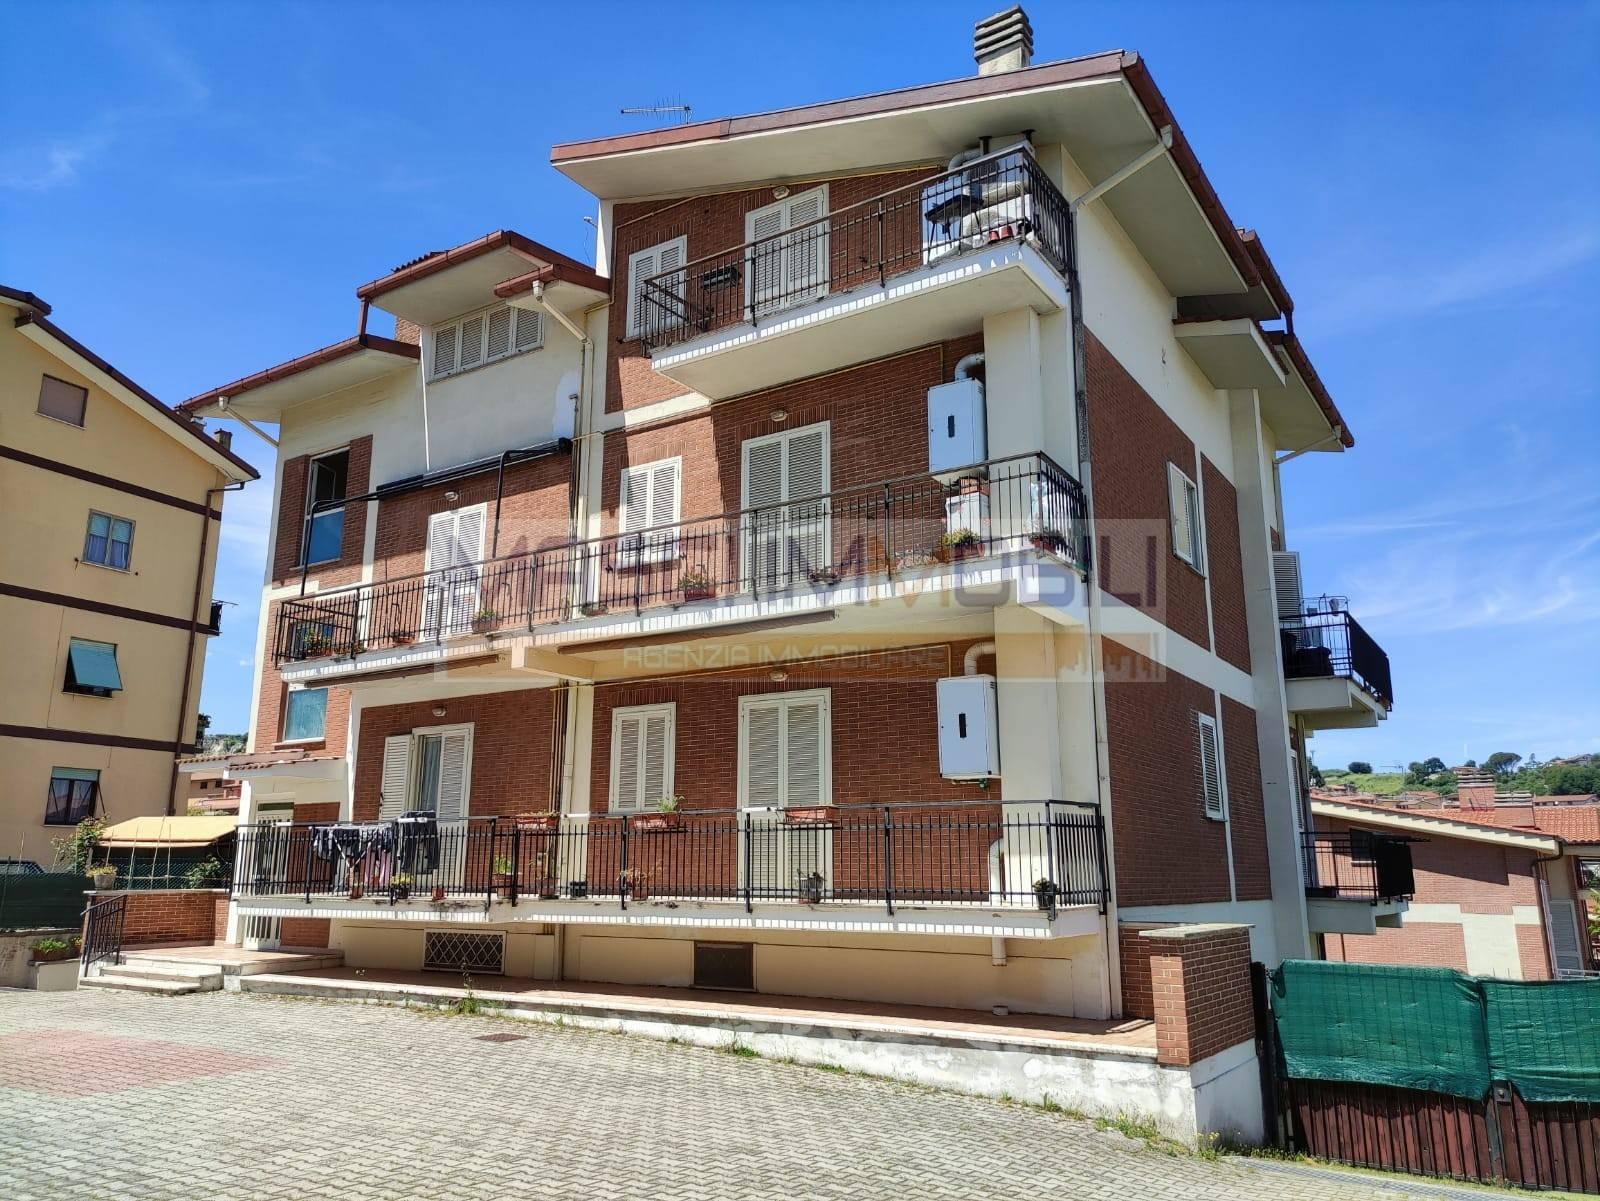 Appartamento in vendita a Fiano Romano, 3 locali, prezzo € 129.000 | CambioCasa.it